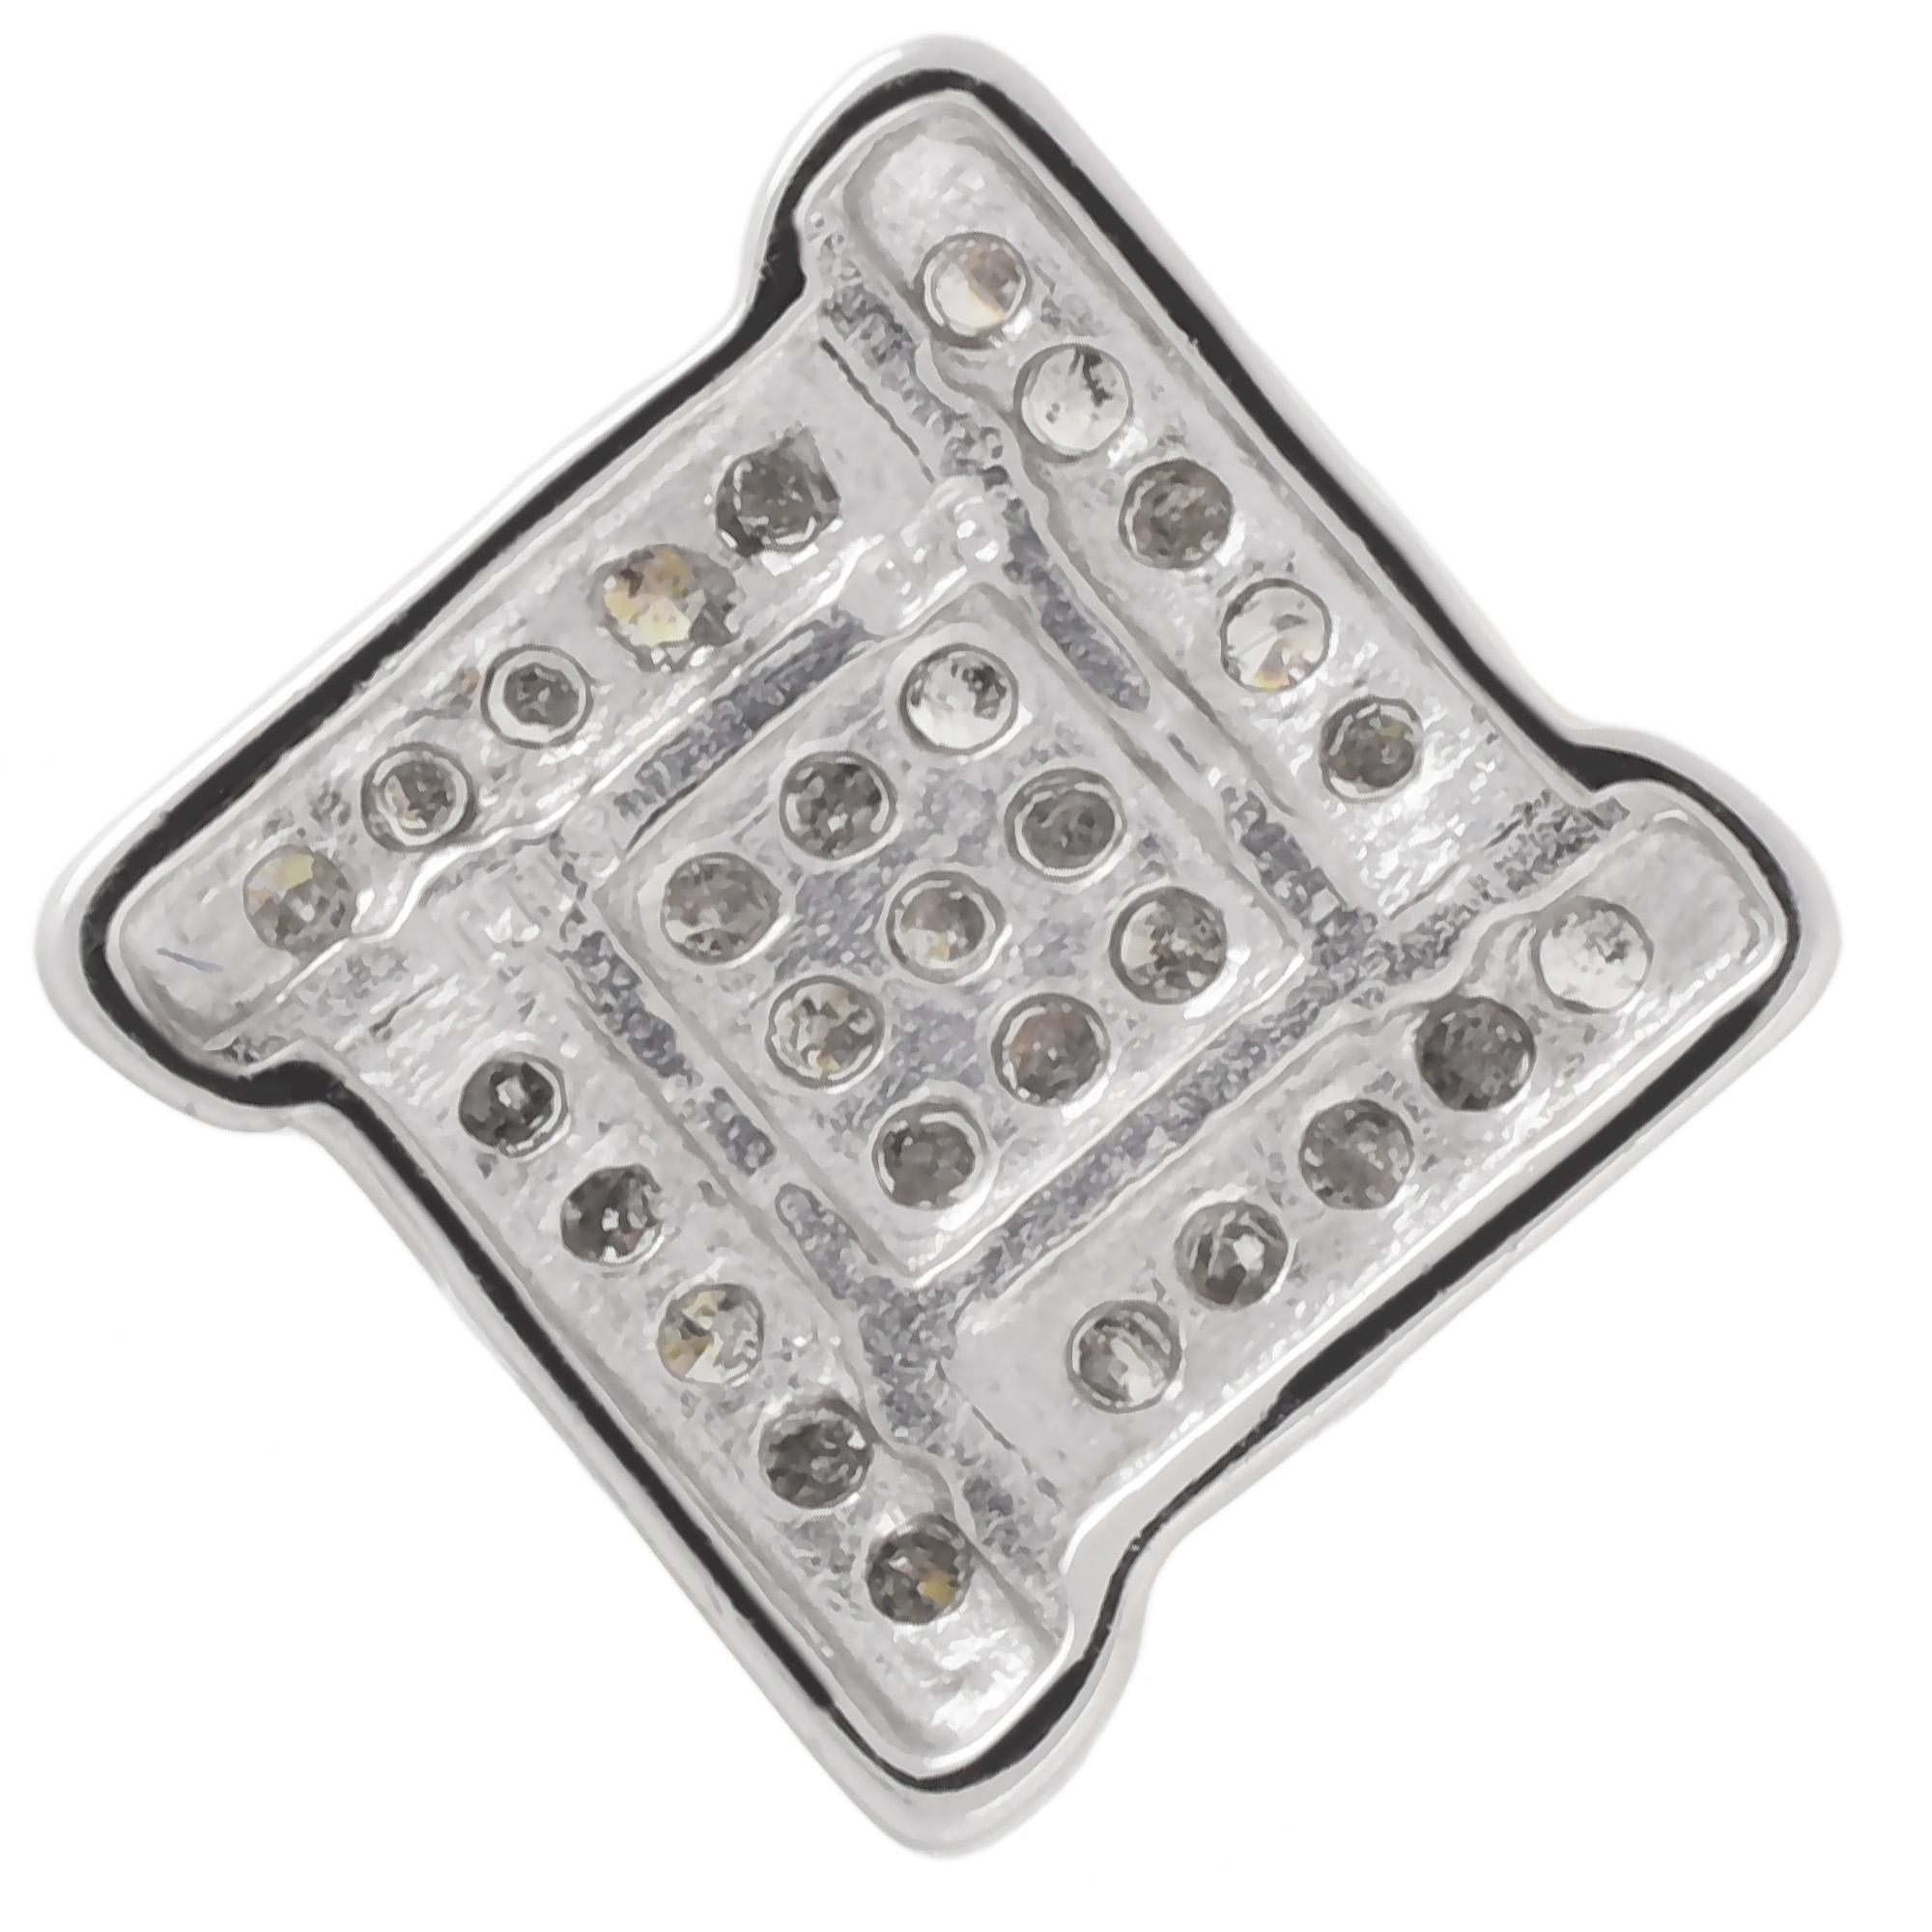 Damen-Halskette-echt-Silber-925-Sterling-rhodiniert-mit-Diamanten-45-cm-lang Indexbild 2